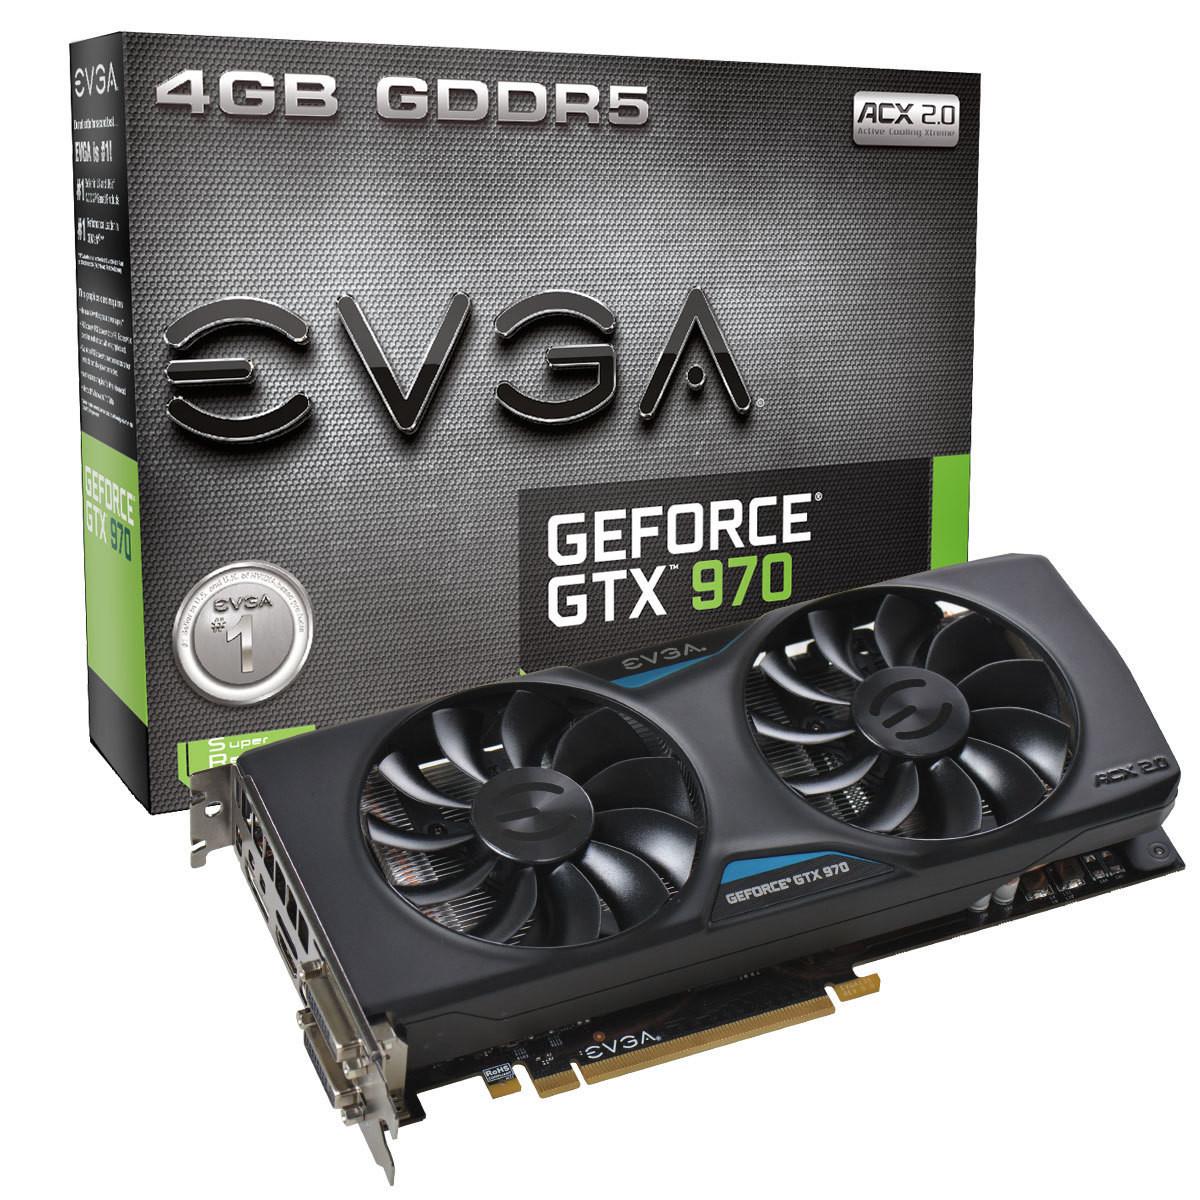 TARJETA VIDEO PCIE X16 3.0 EVGA NVIDIA GEFORCE GTX970 GAMING 1050MHZ BOOST 1178MHZ 1664 CUDA 109GT/S 4GB GDDR5 256-BIT 7010MHZ 224.3GB/S DVI-I DVI-D DISPLAYPORT HDMI SOPORTA 4 MONITORES 240HZ MAX. DIGITAL 4096X2160 MIN. 500W 04G-P4-2972-KR